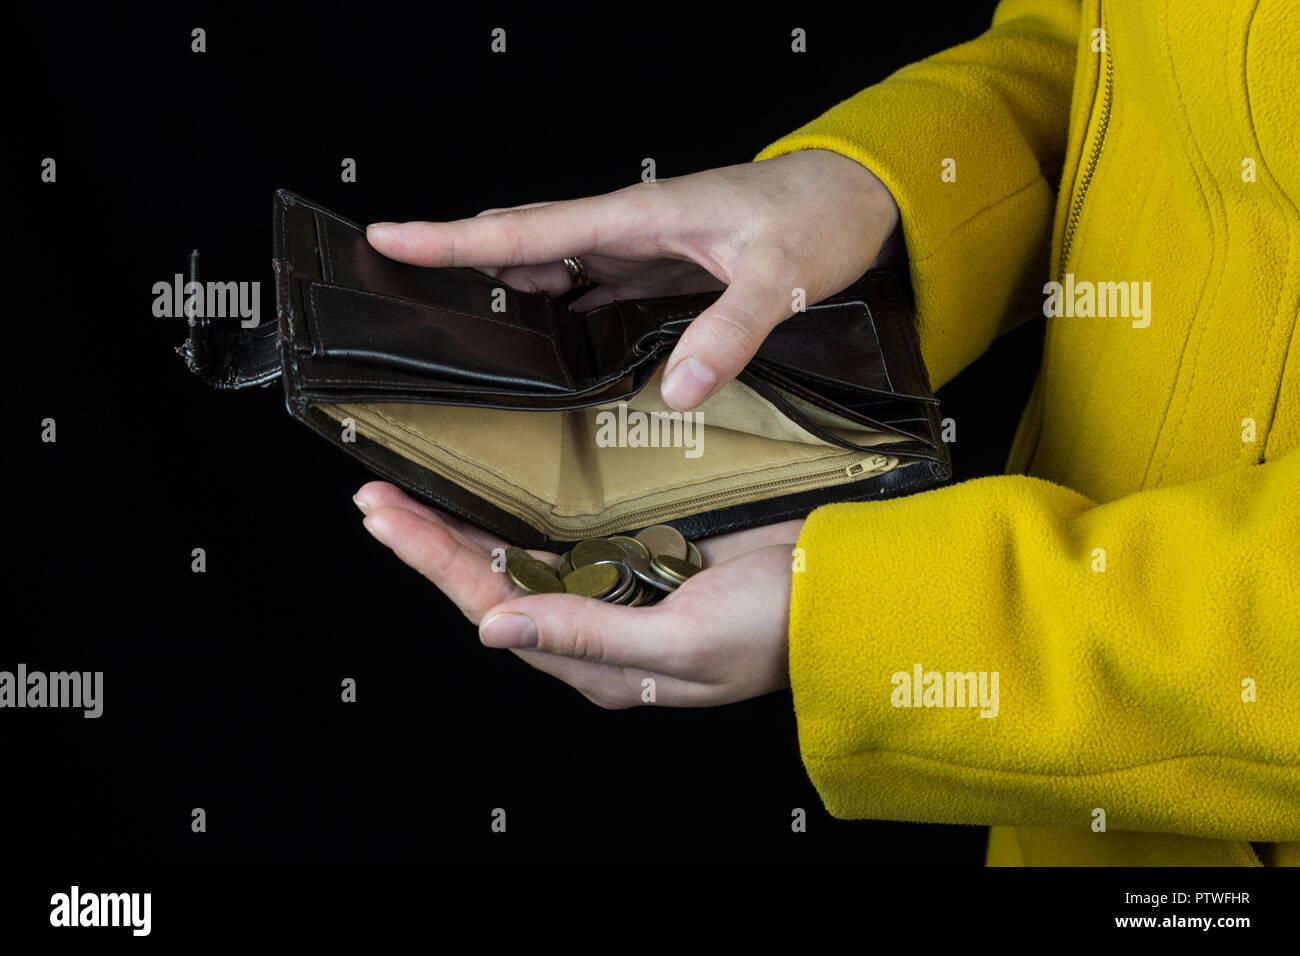 Girl pouring pièces de un sac à main, fond noir, close-up, pièces de monnaie Banque D'Images